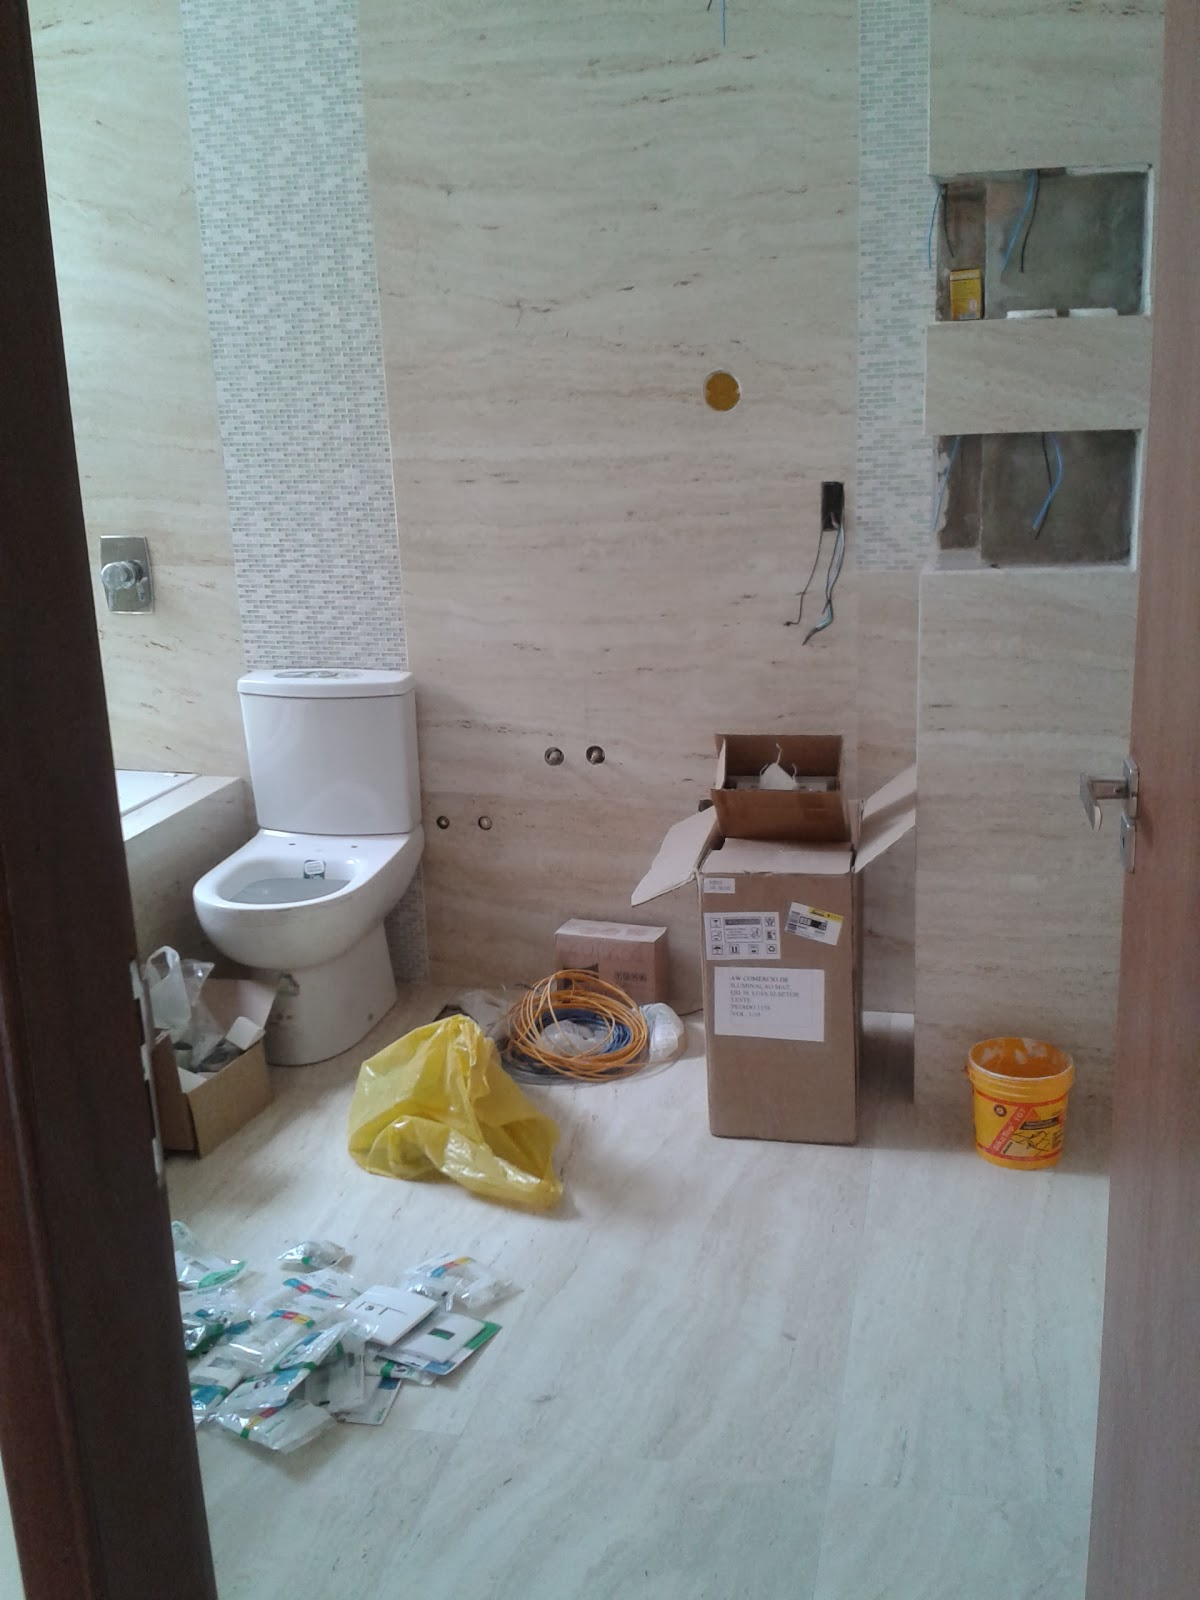 Imagens de #796345 Nossa Tão sonhada Casinha : Revestimento dos Banheiros 1200x1600 px 3564 Bbb No Banheiro 2014